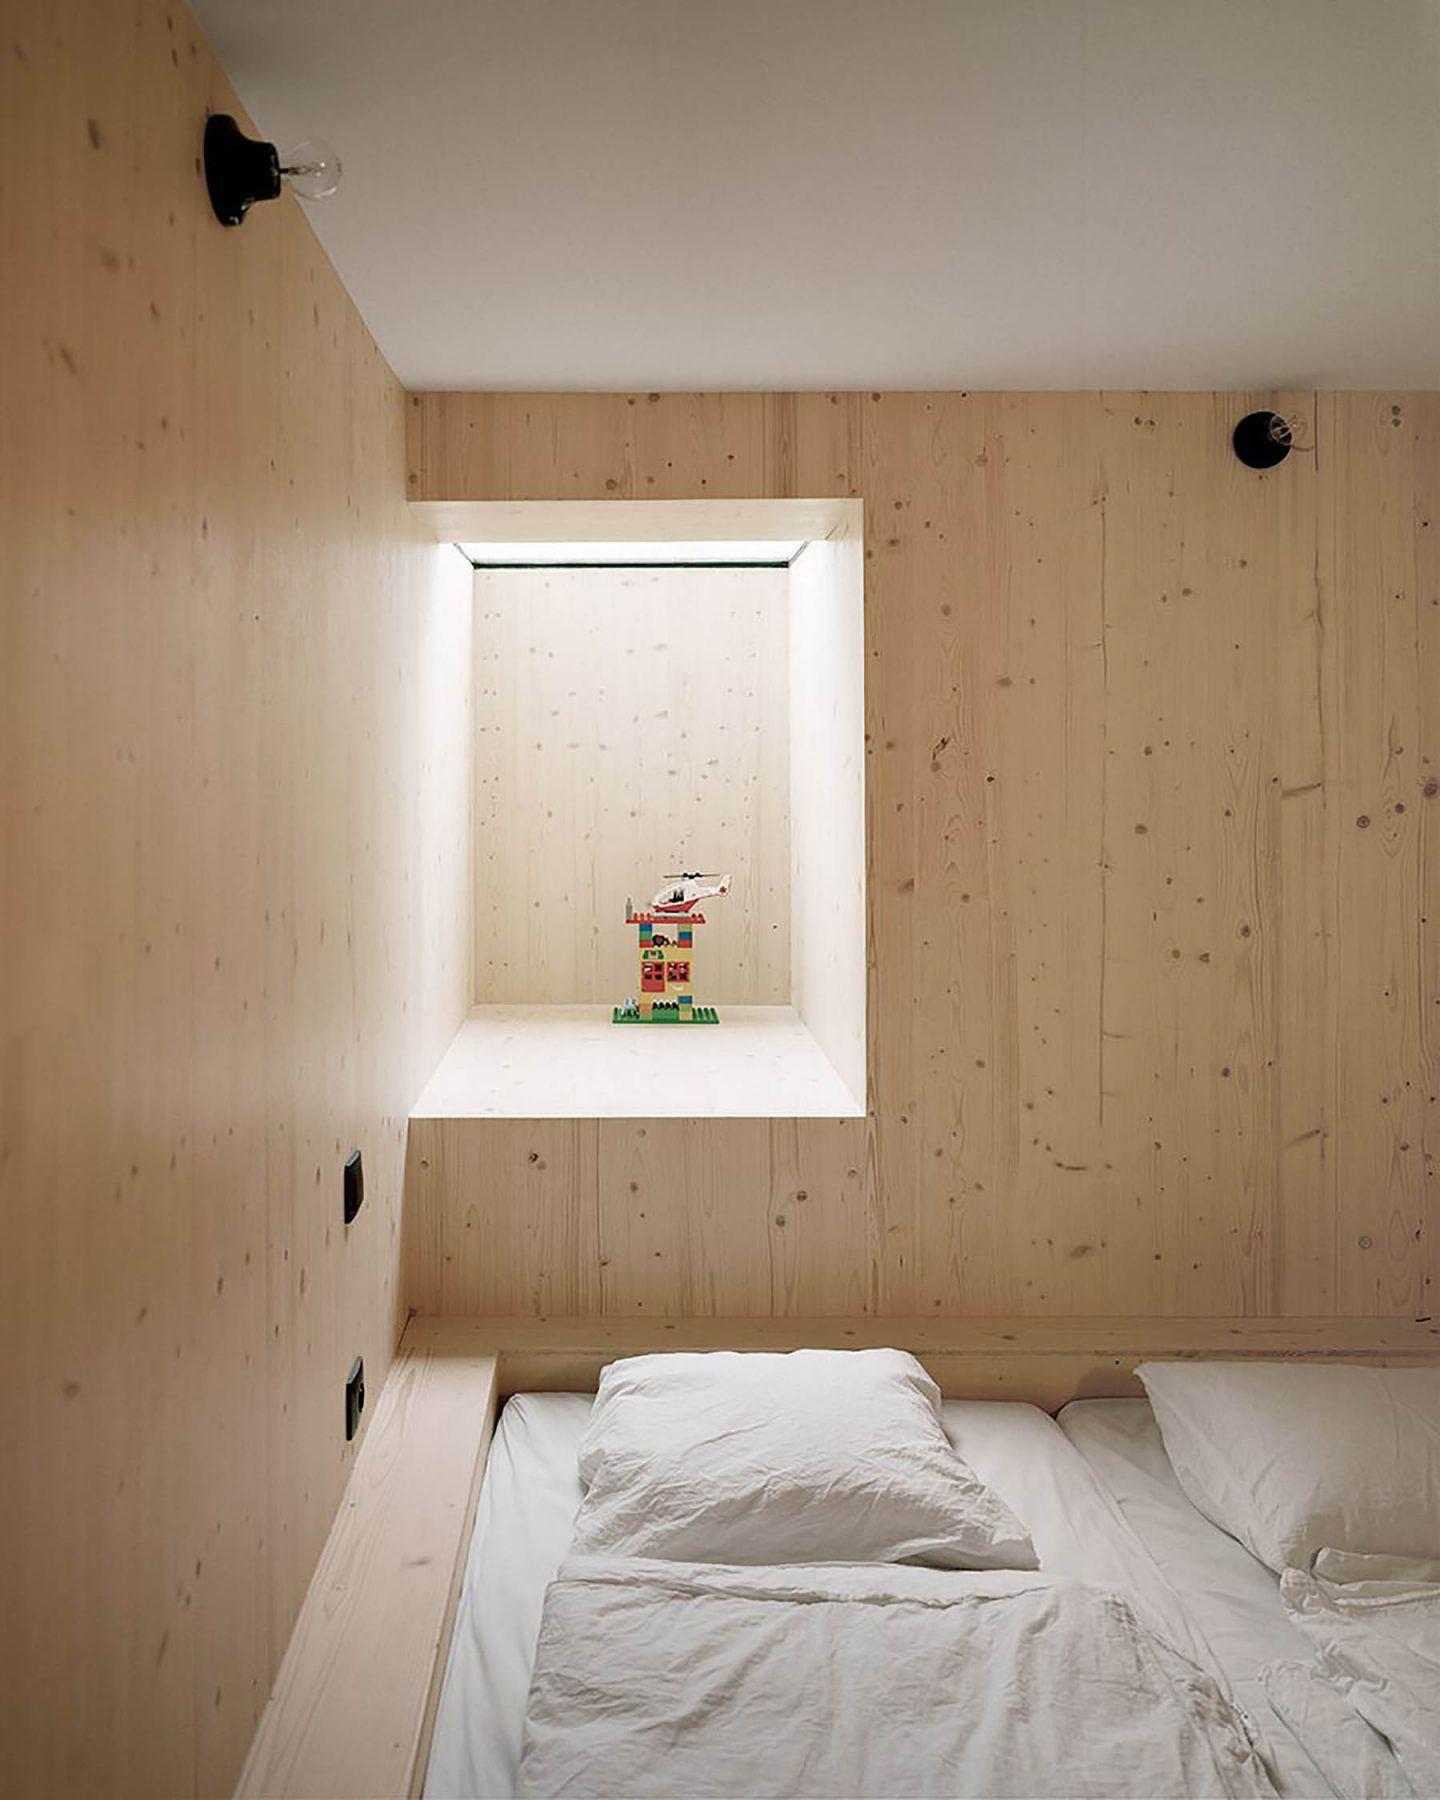 IGNANT-Architecture-Joachim-Fritschy-Frit01-13